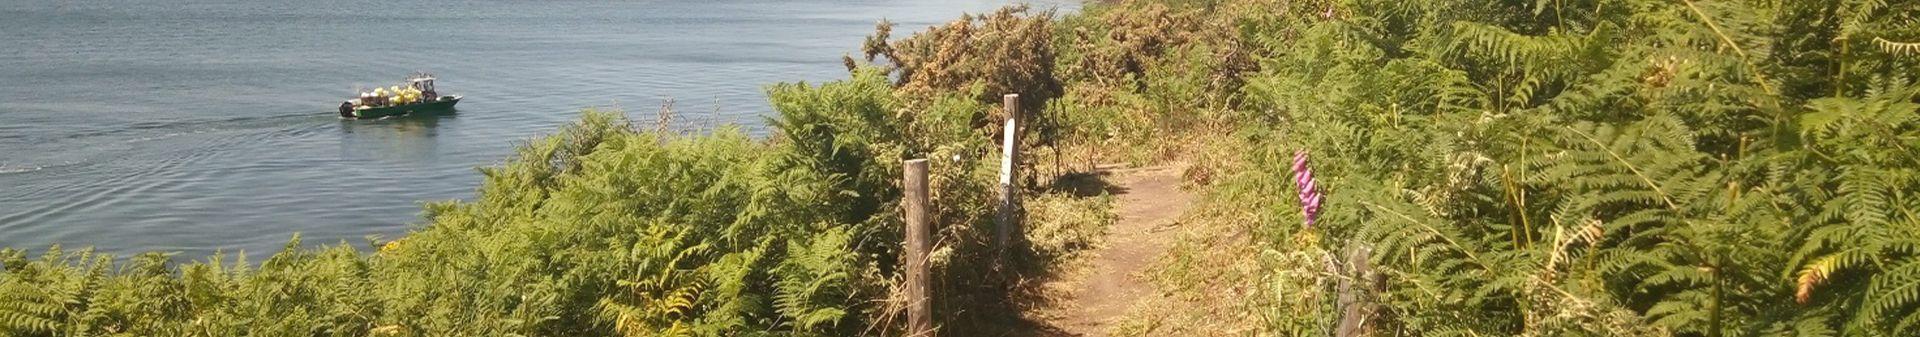 sentier côtier île-aux-moines